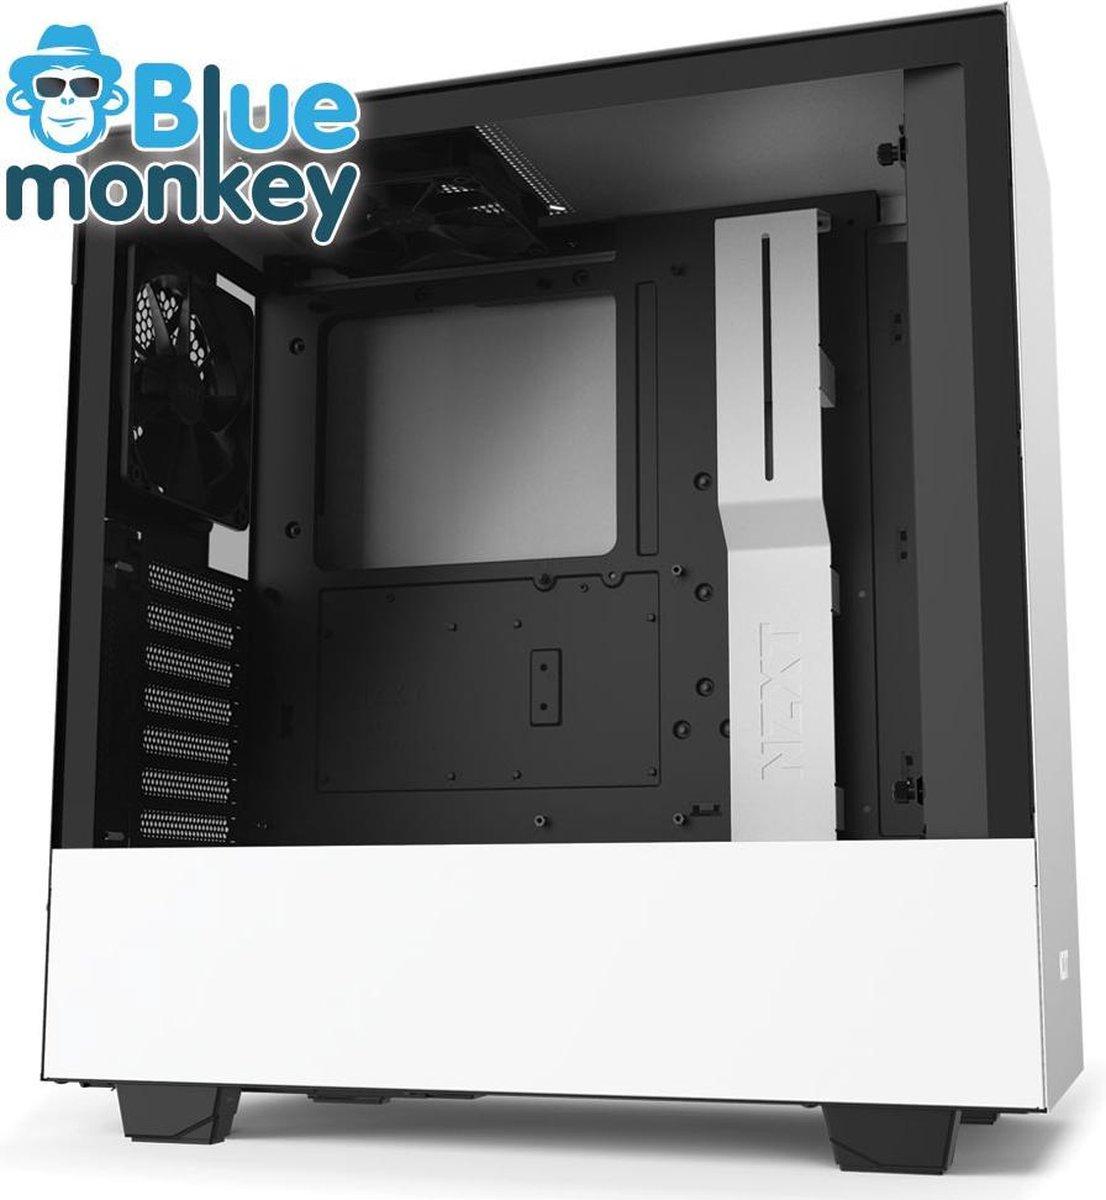 Blue Monkey Epic Game PC: i7 11700K - RTX 3060 Ti - 16 GB RGB DDR 4 - 1 TB M.2 SSD - M22 Kraken Waterkoeler